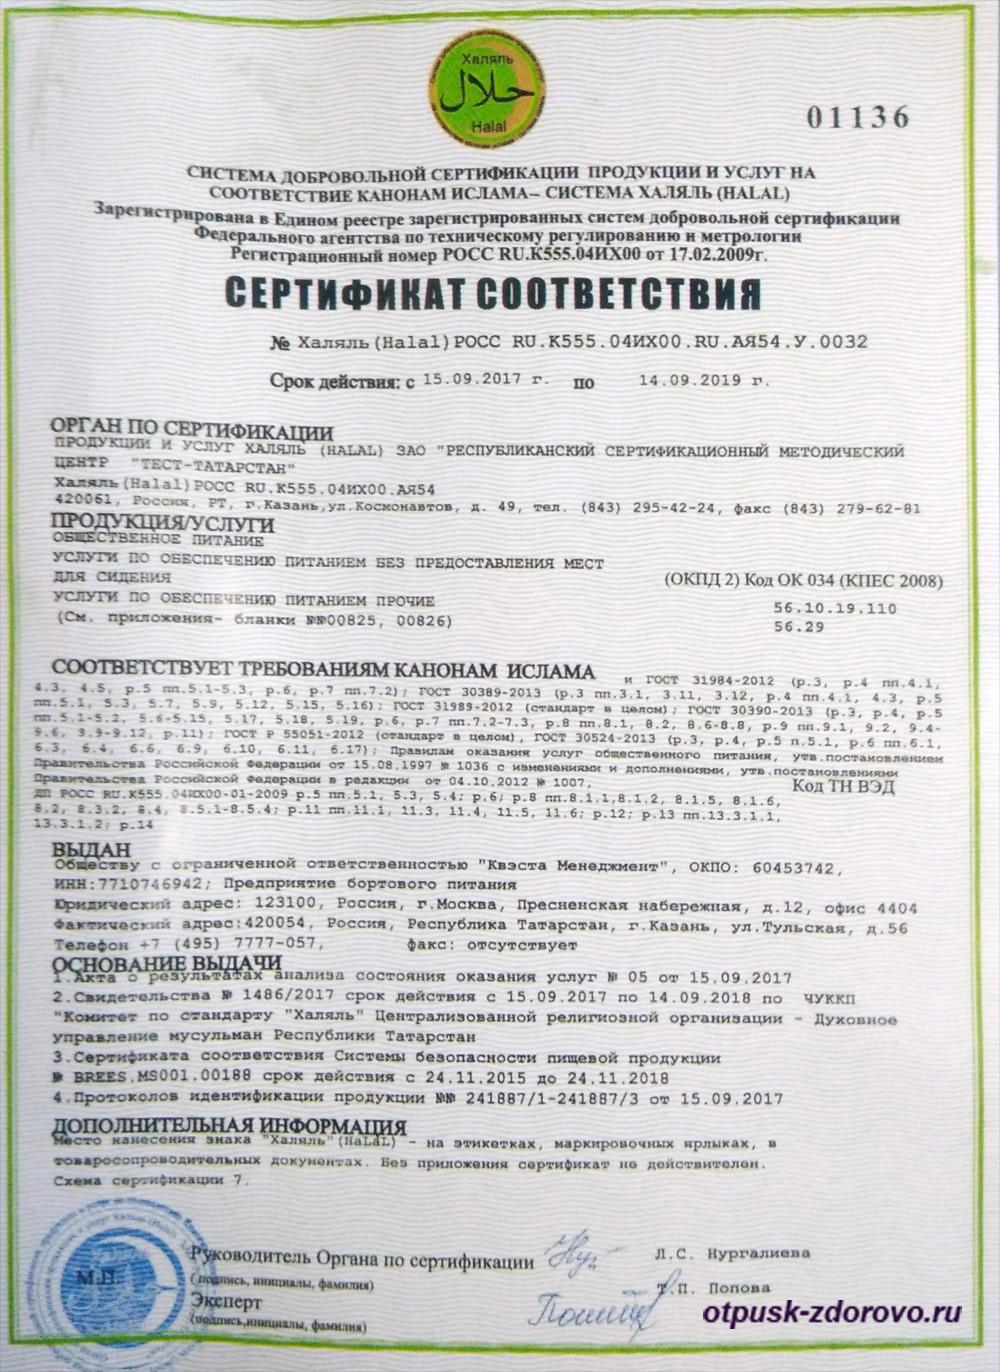 Сертификат соответствия на халяльное питание